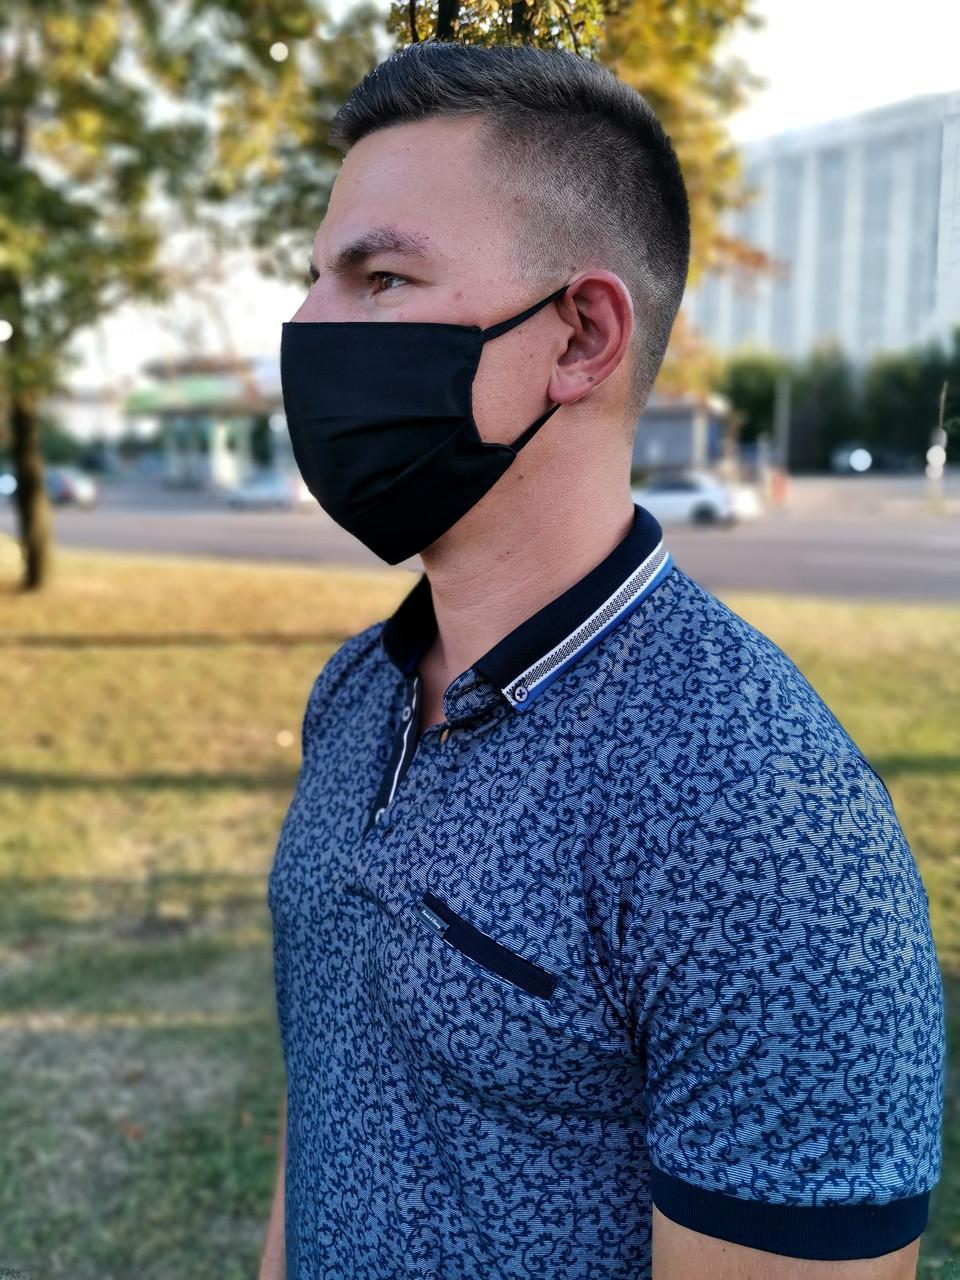 Маска мужская | женская защитная хлопковая гипоаллергенная двухслойная многоразовая, x black от ROYAL PLAY